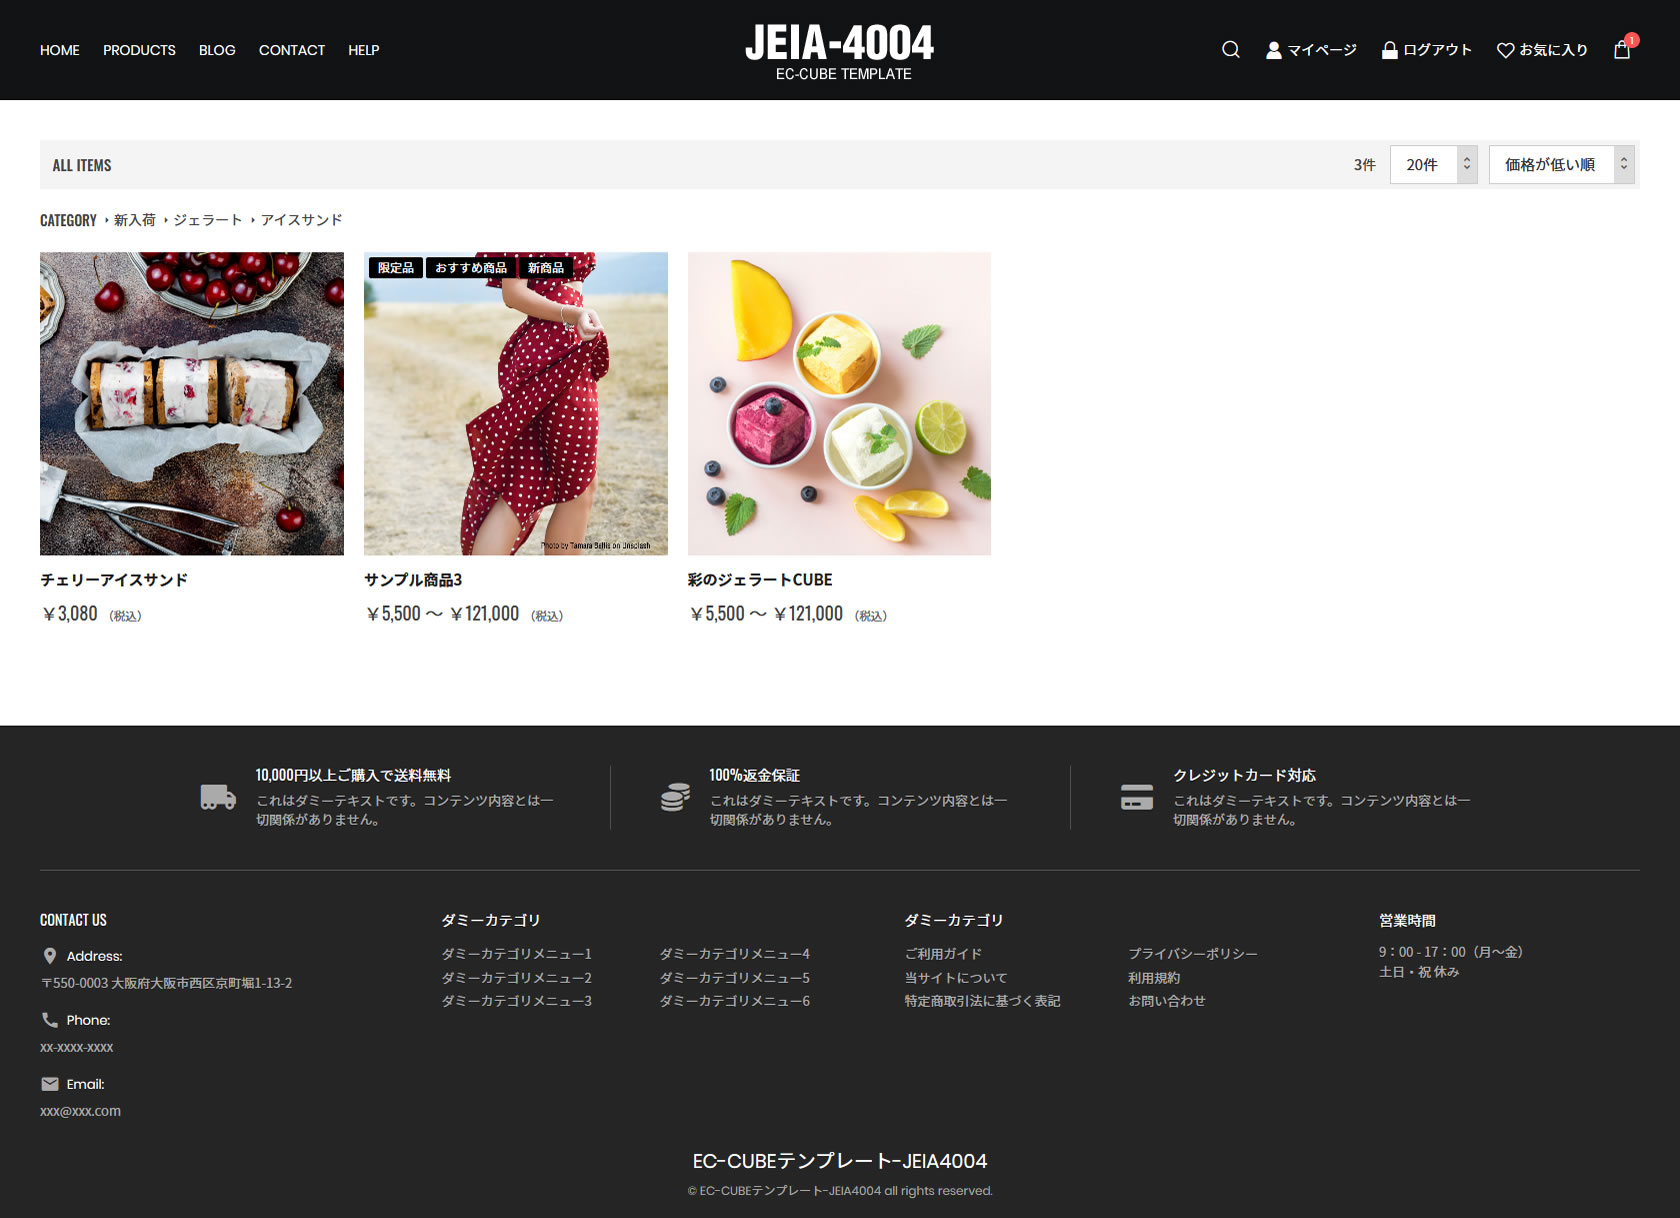 EC-CUBEレスポンシブWebデザインテンプレート No.JEIA4004